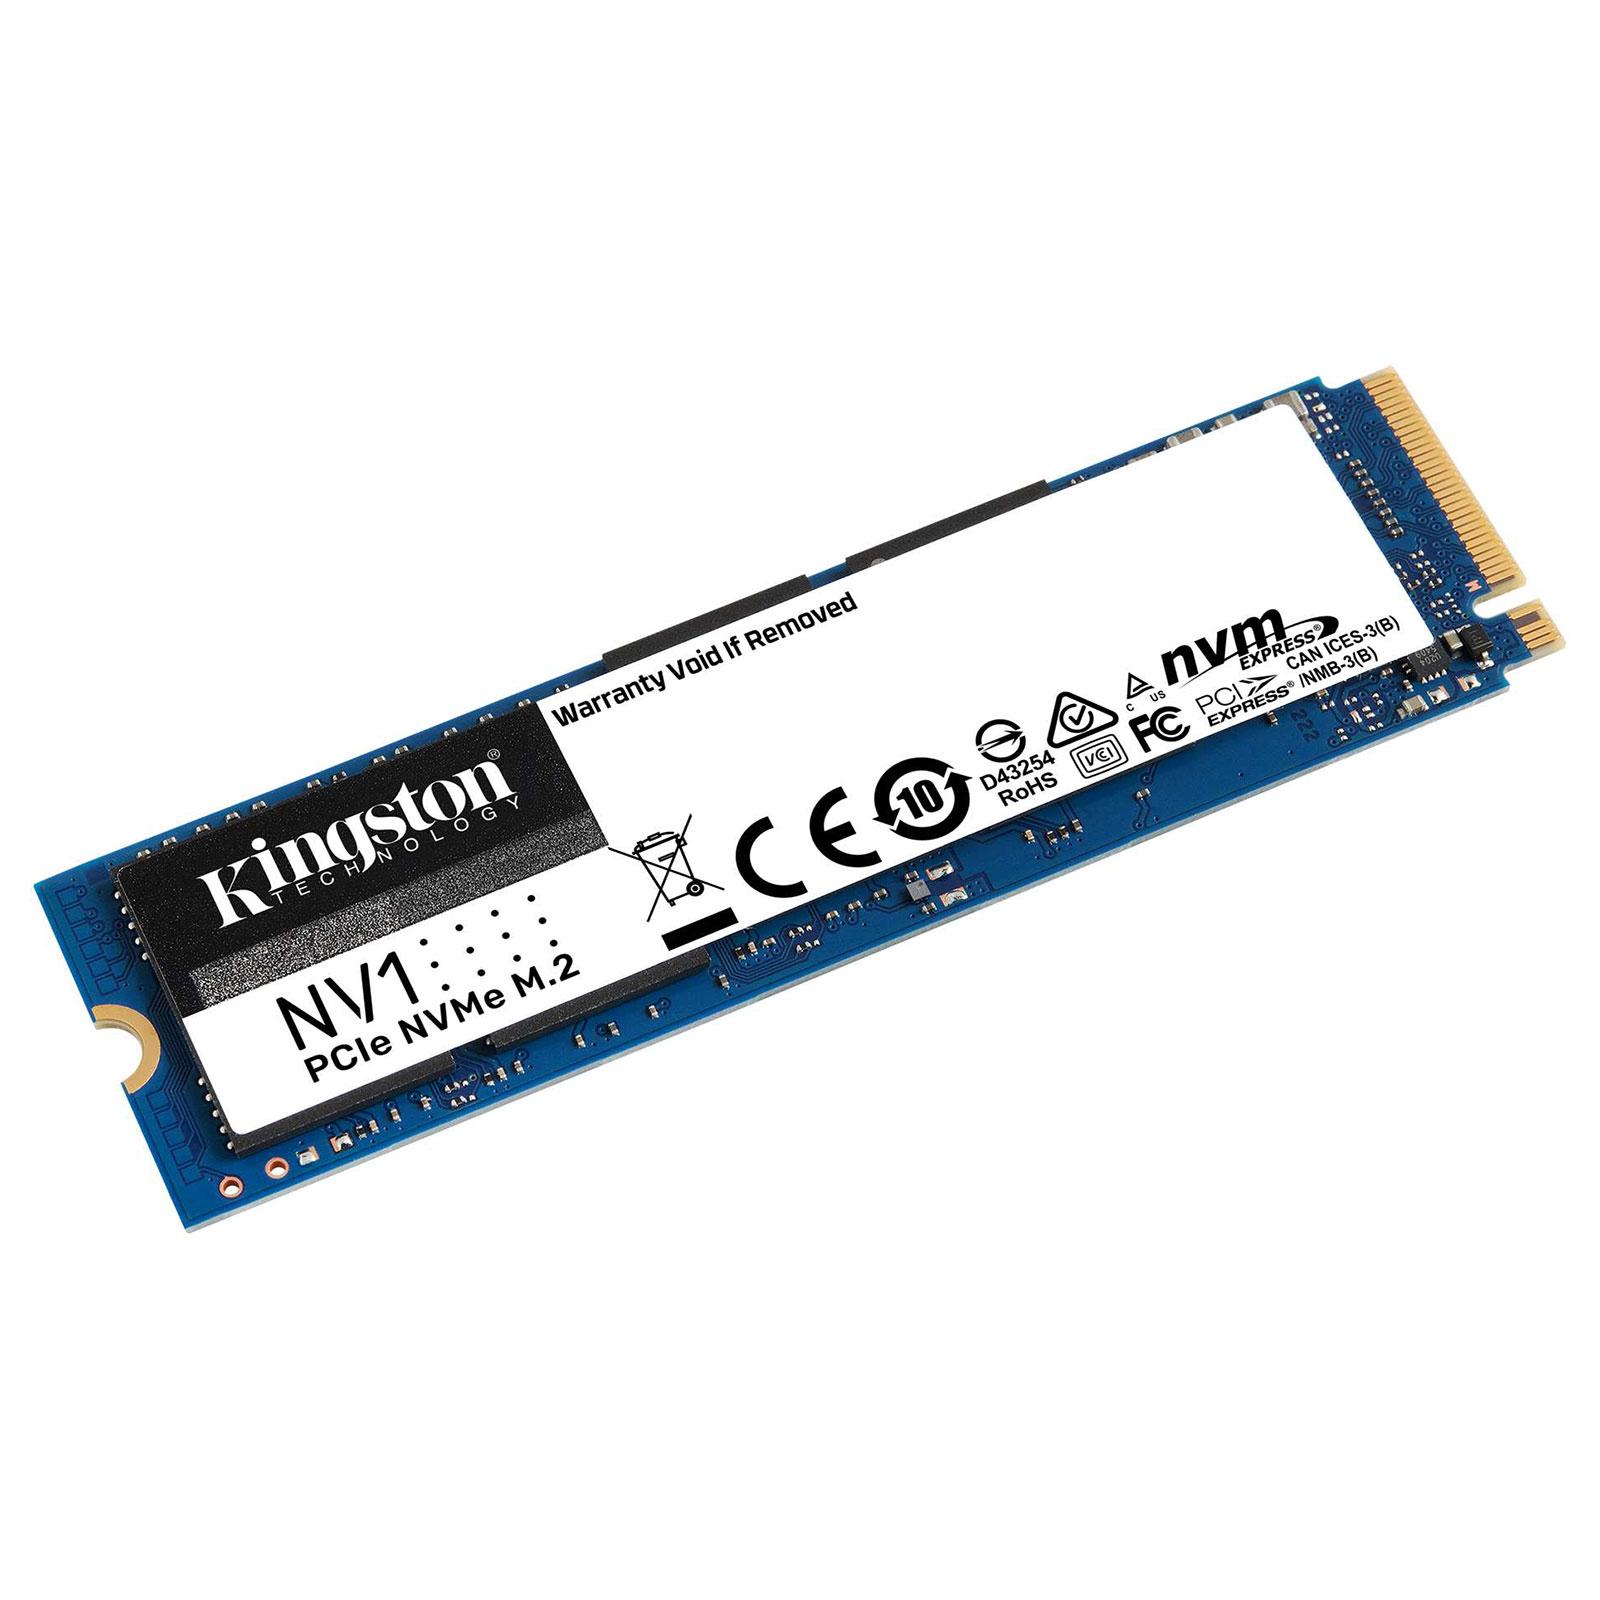 500Go SSD M.2 NVMe - SNVS/500G - NV1 (SNVS/500G) - Achat / Vente Disque SSD sur Picata.fr - 0